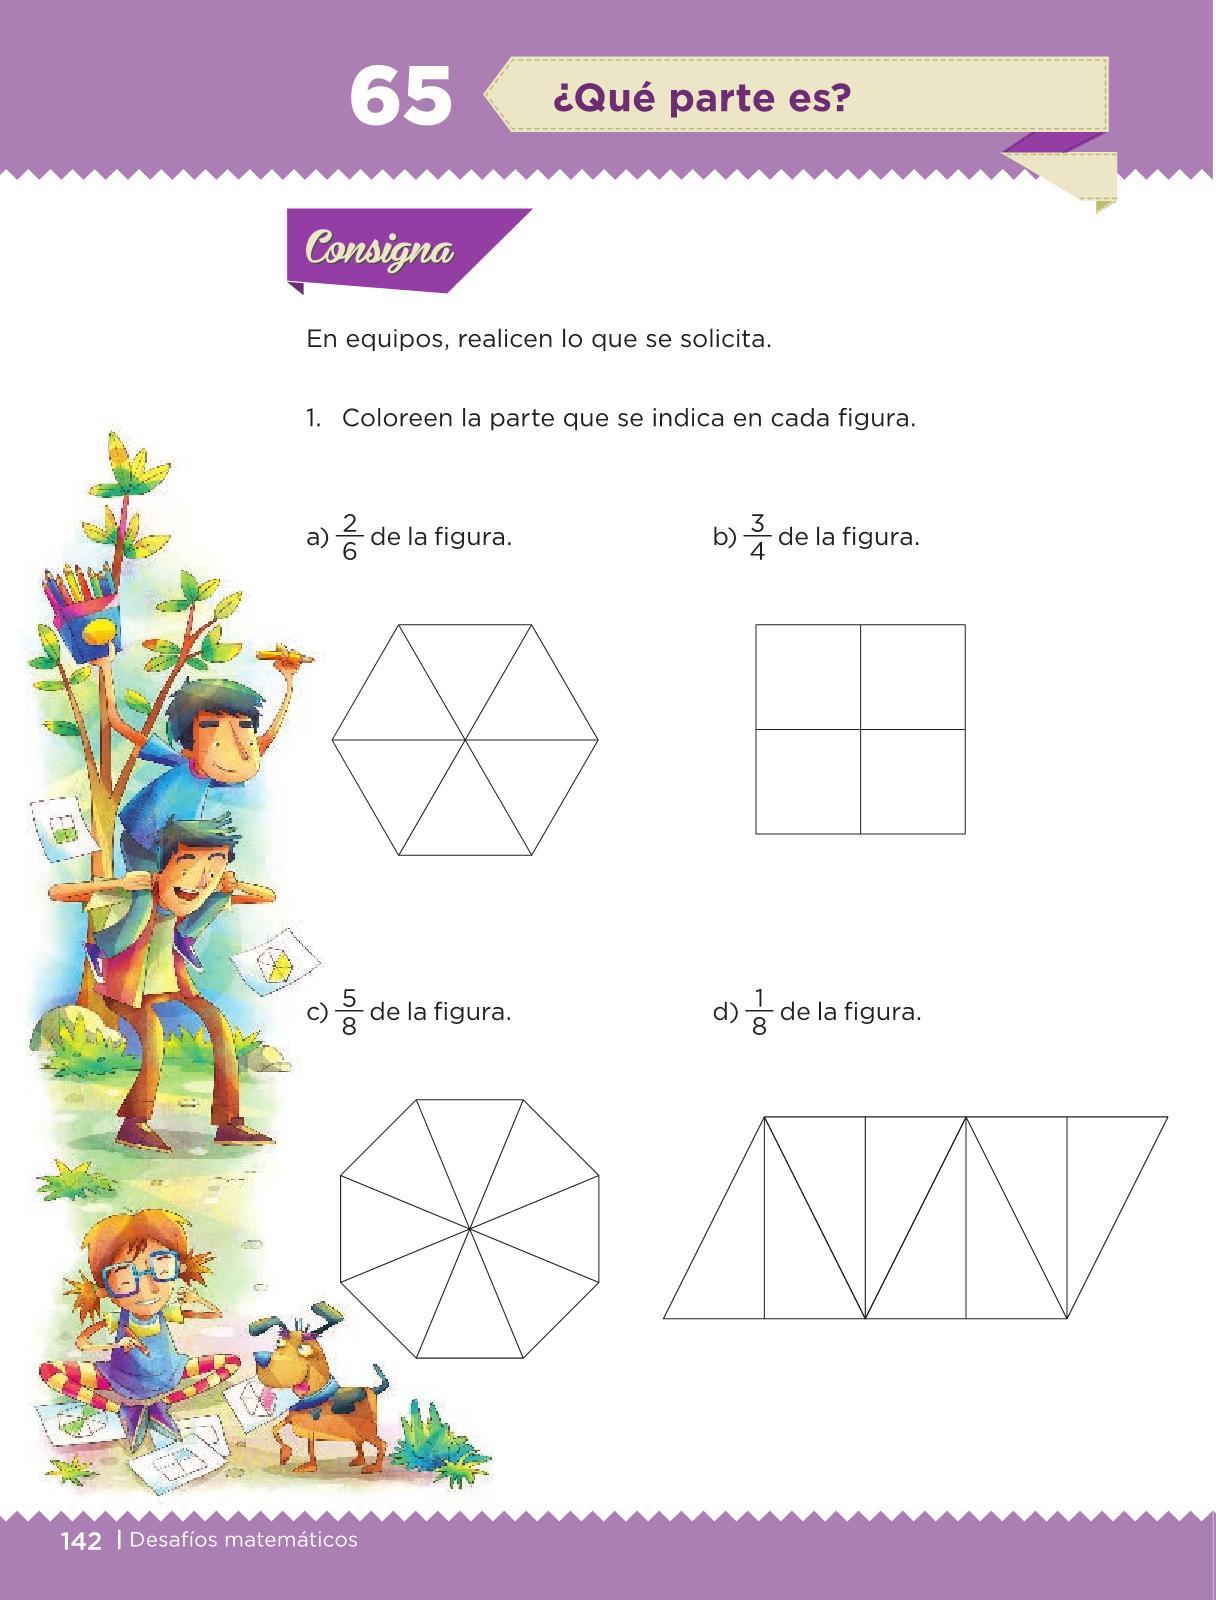 Libro 6 Grado Matematicas Contestado El Libro De 6 Grado